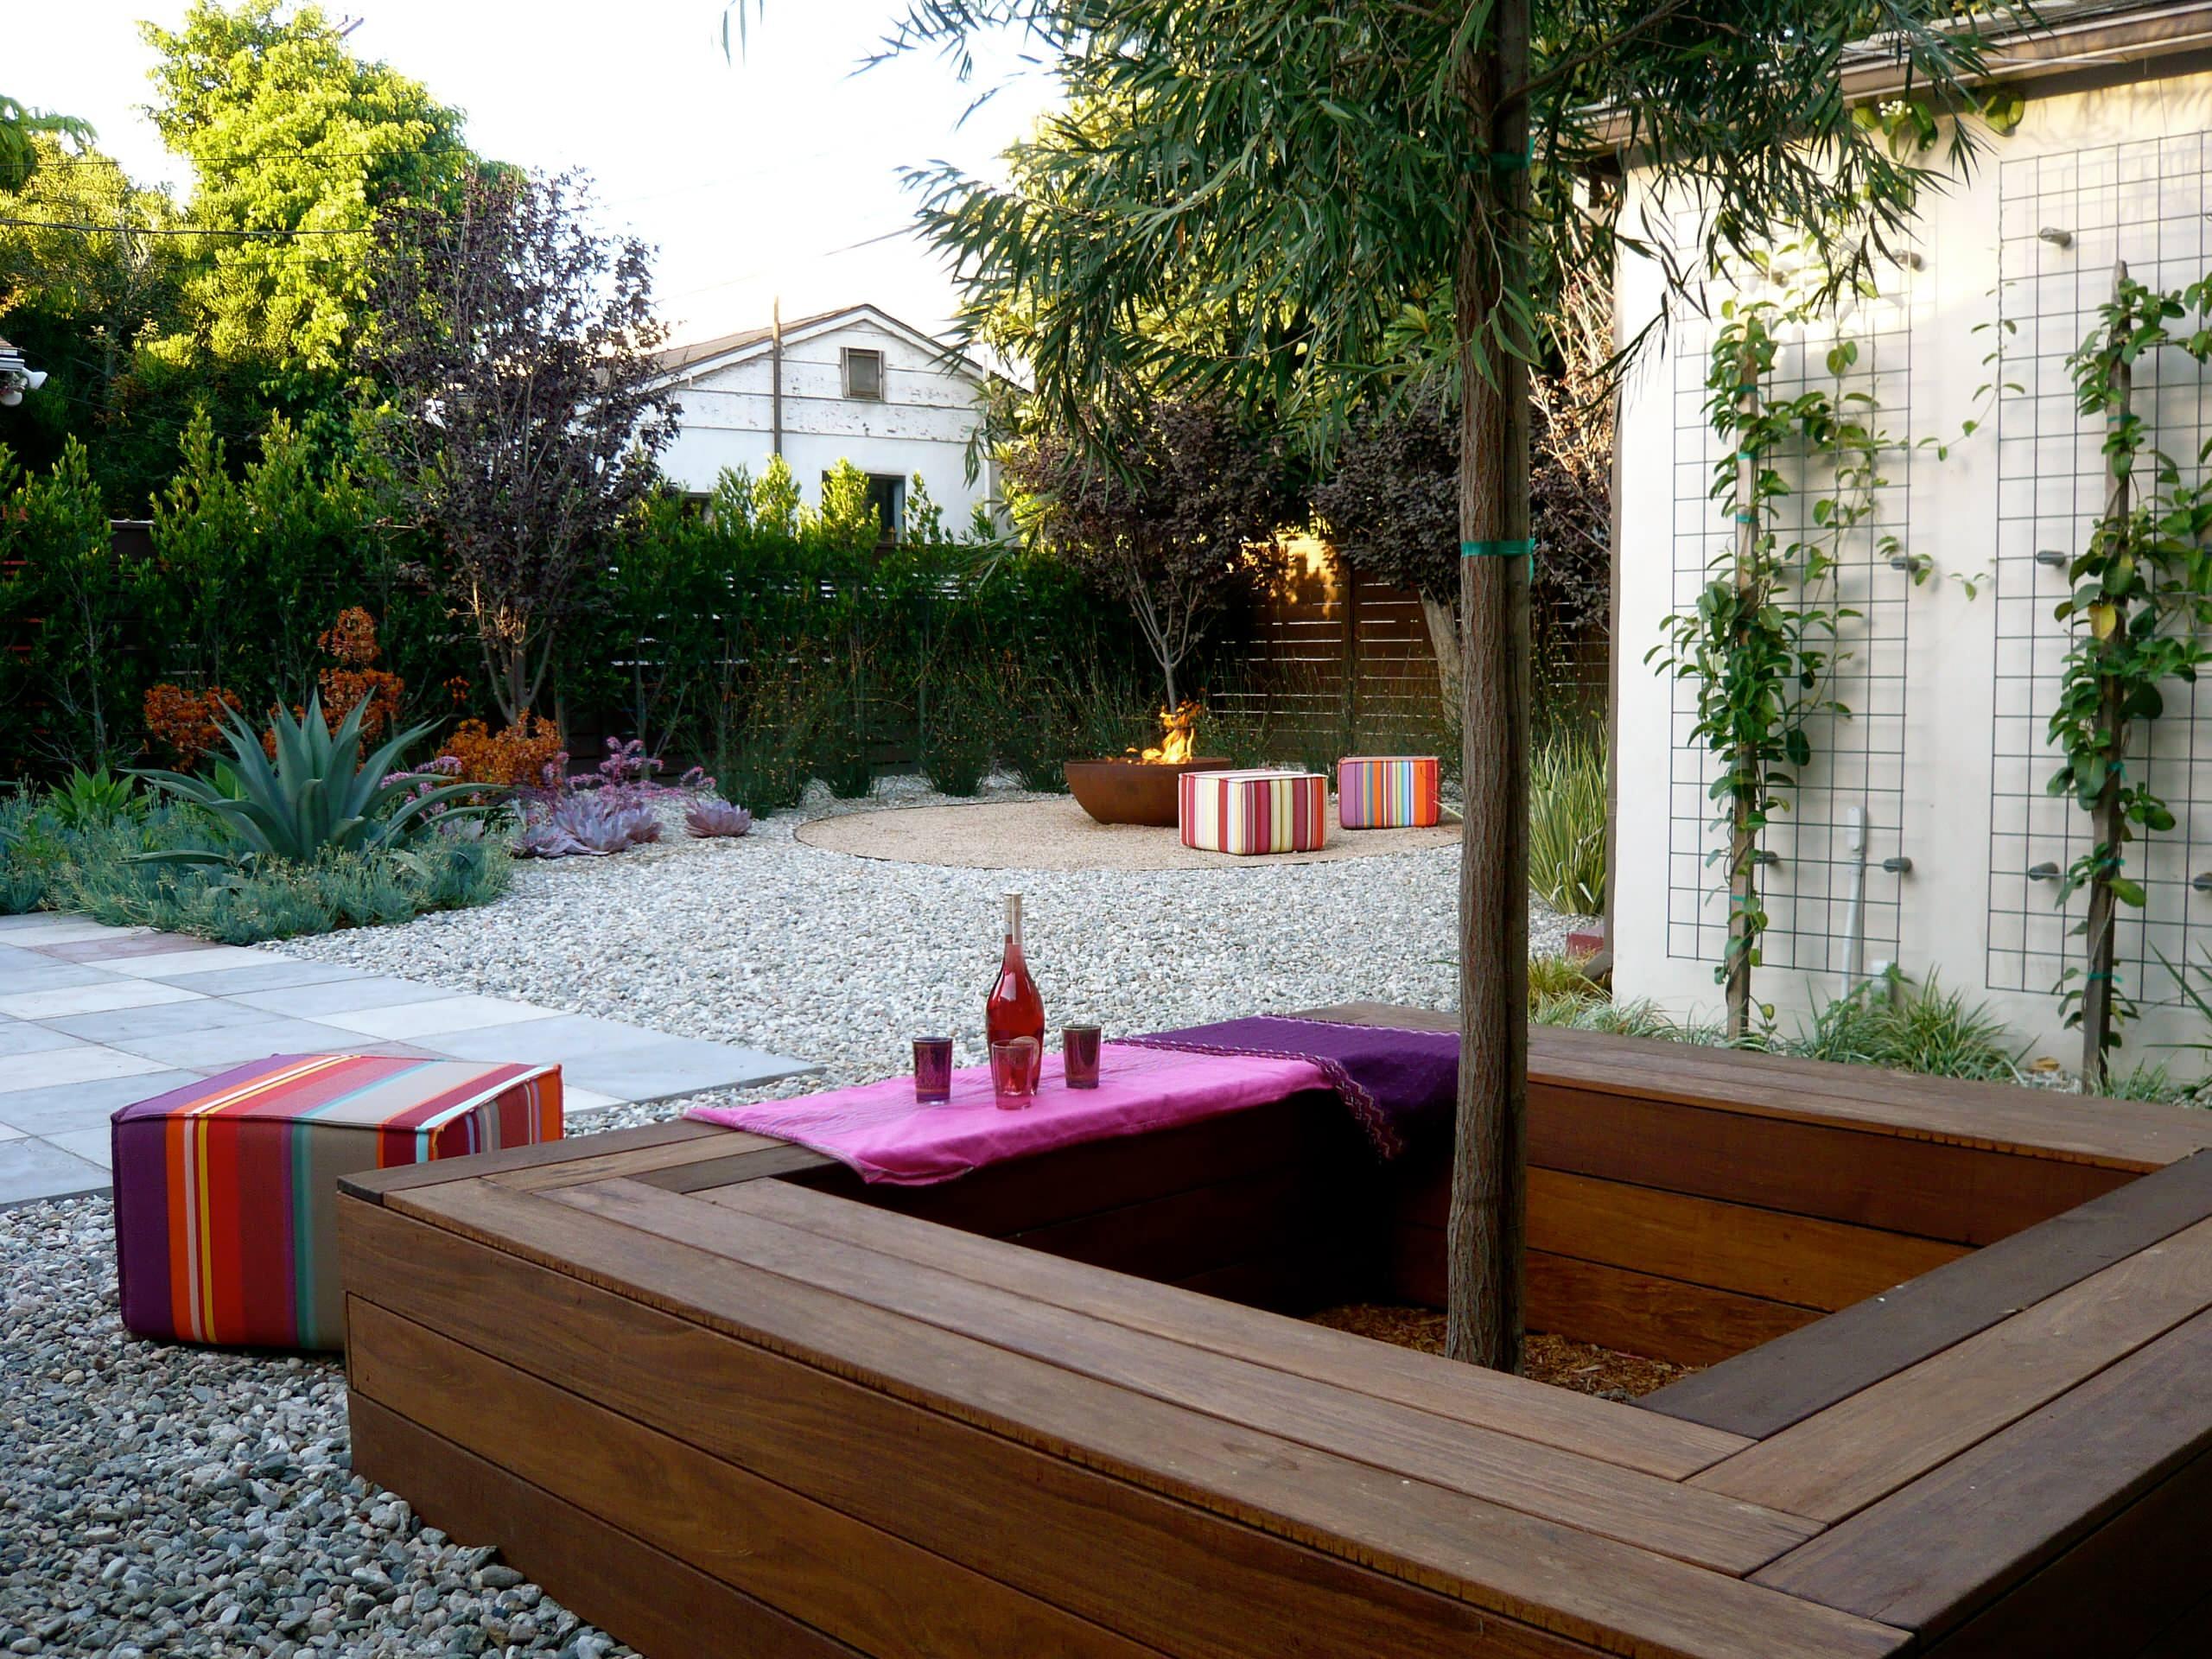 Внутренний дворик для отдыха